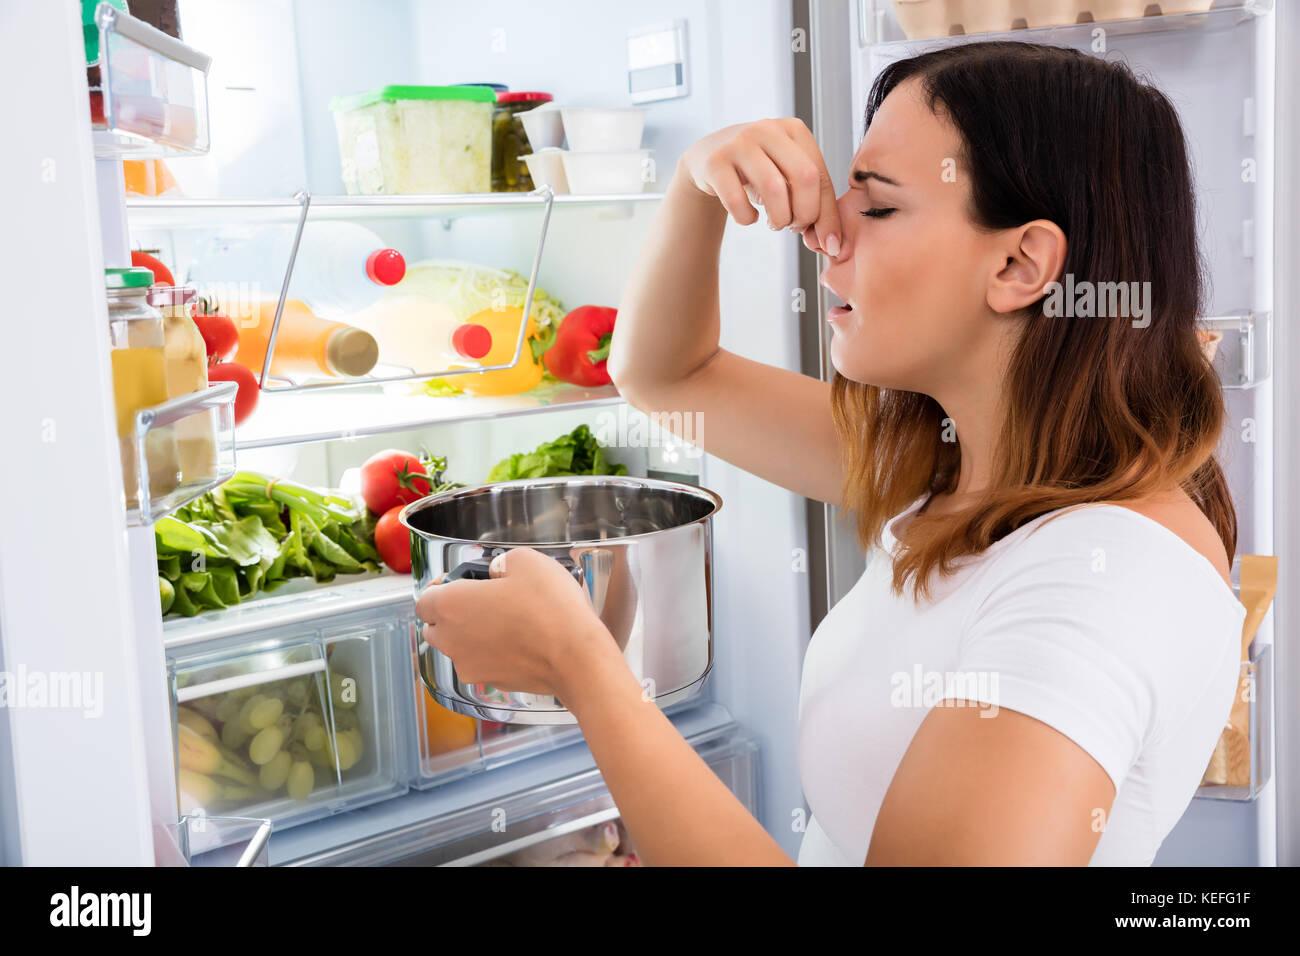 Junge Frau bemerkt fauligen Geruch von Essen in der Nähe von offenen Kühlschrank Stockbild